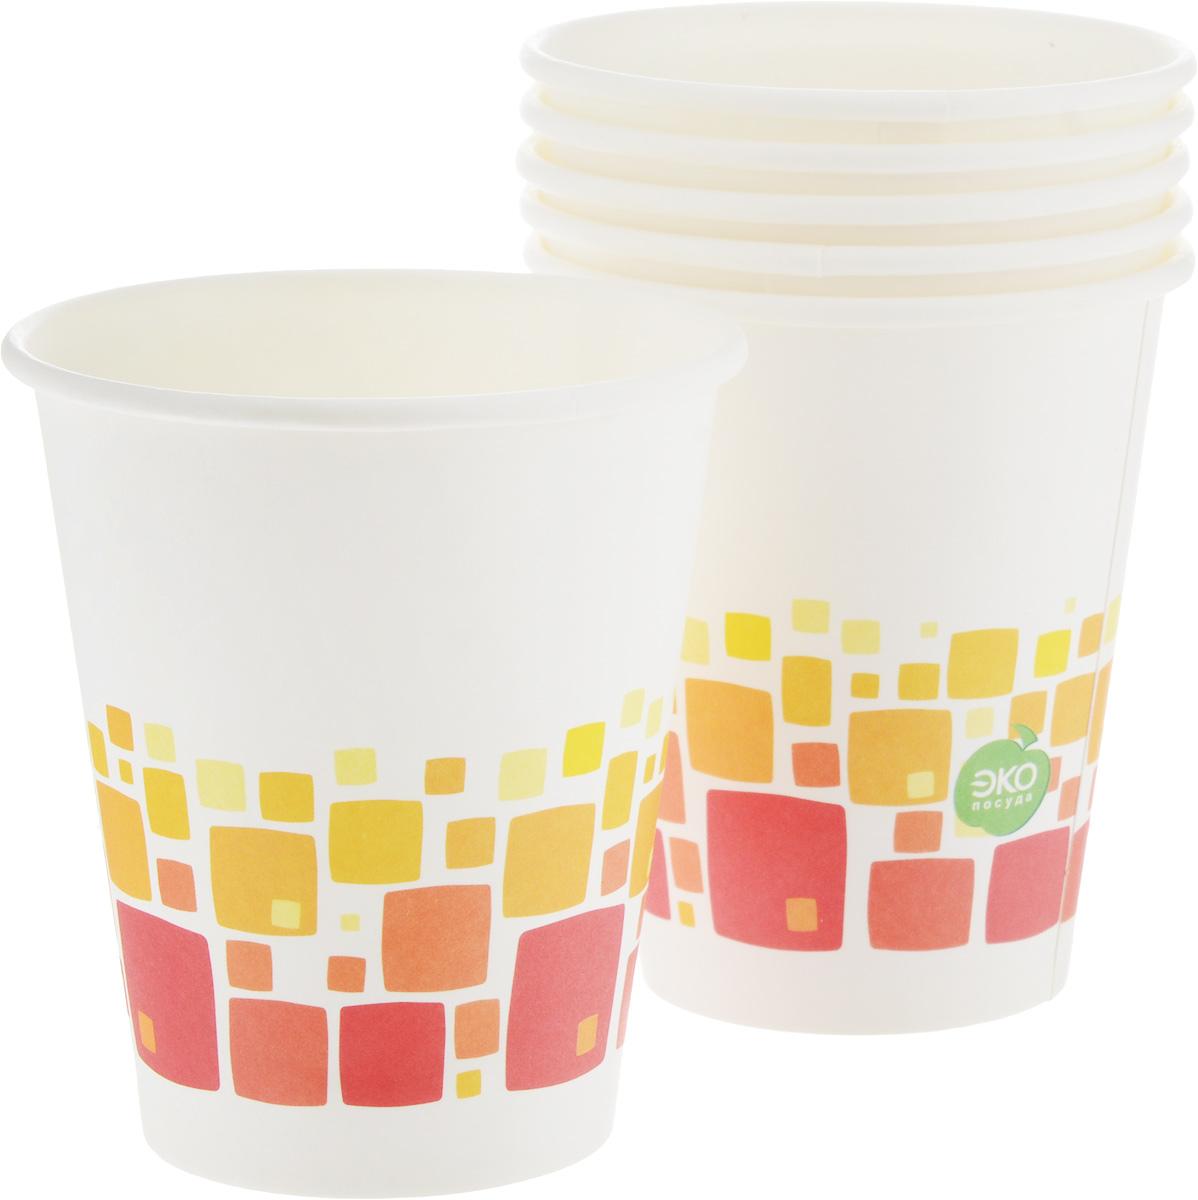 """Набор Paterra """"Нарядные"""" состоит из 6 стаканов,предназначенных для одноразового использования. Изделияукрашены узором. Такие стаканы подойдут как для холодных,так и для горячих напитков. Имеют водоотталкивающиесвойства.Одноразовые стаканы будут незаменимы при поездках наприроду, пикниках и других мероприятиях. Они легкие и незаймут много места, а самое главное - после использования ихне надо мыть. Диаметр стакана: 8 см. Высота стакана: 9,5 см."""